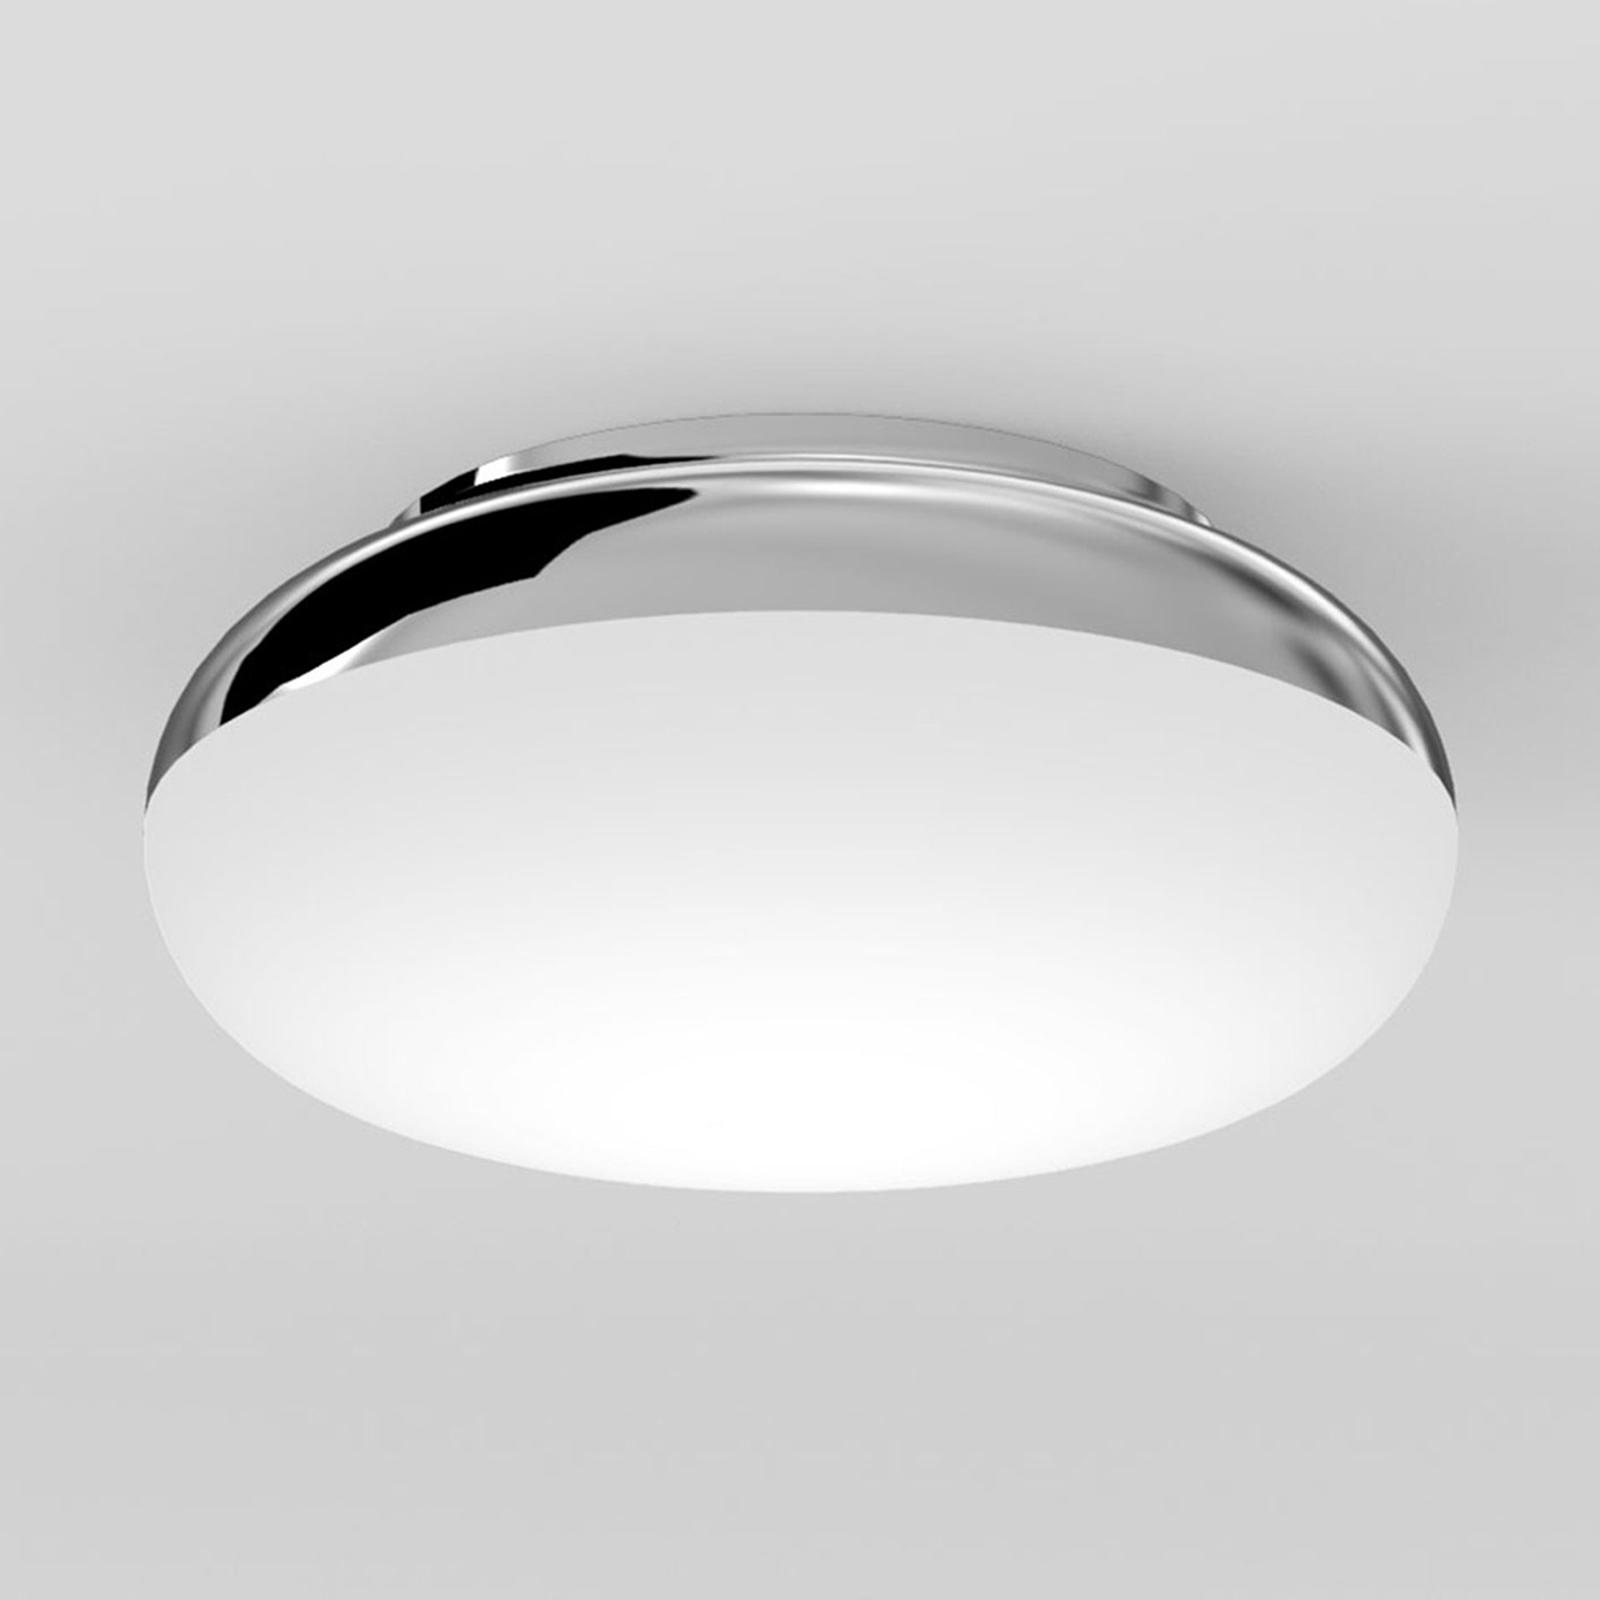 Astro Altea 150 LED Deckenleuchte Ø 15 cm